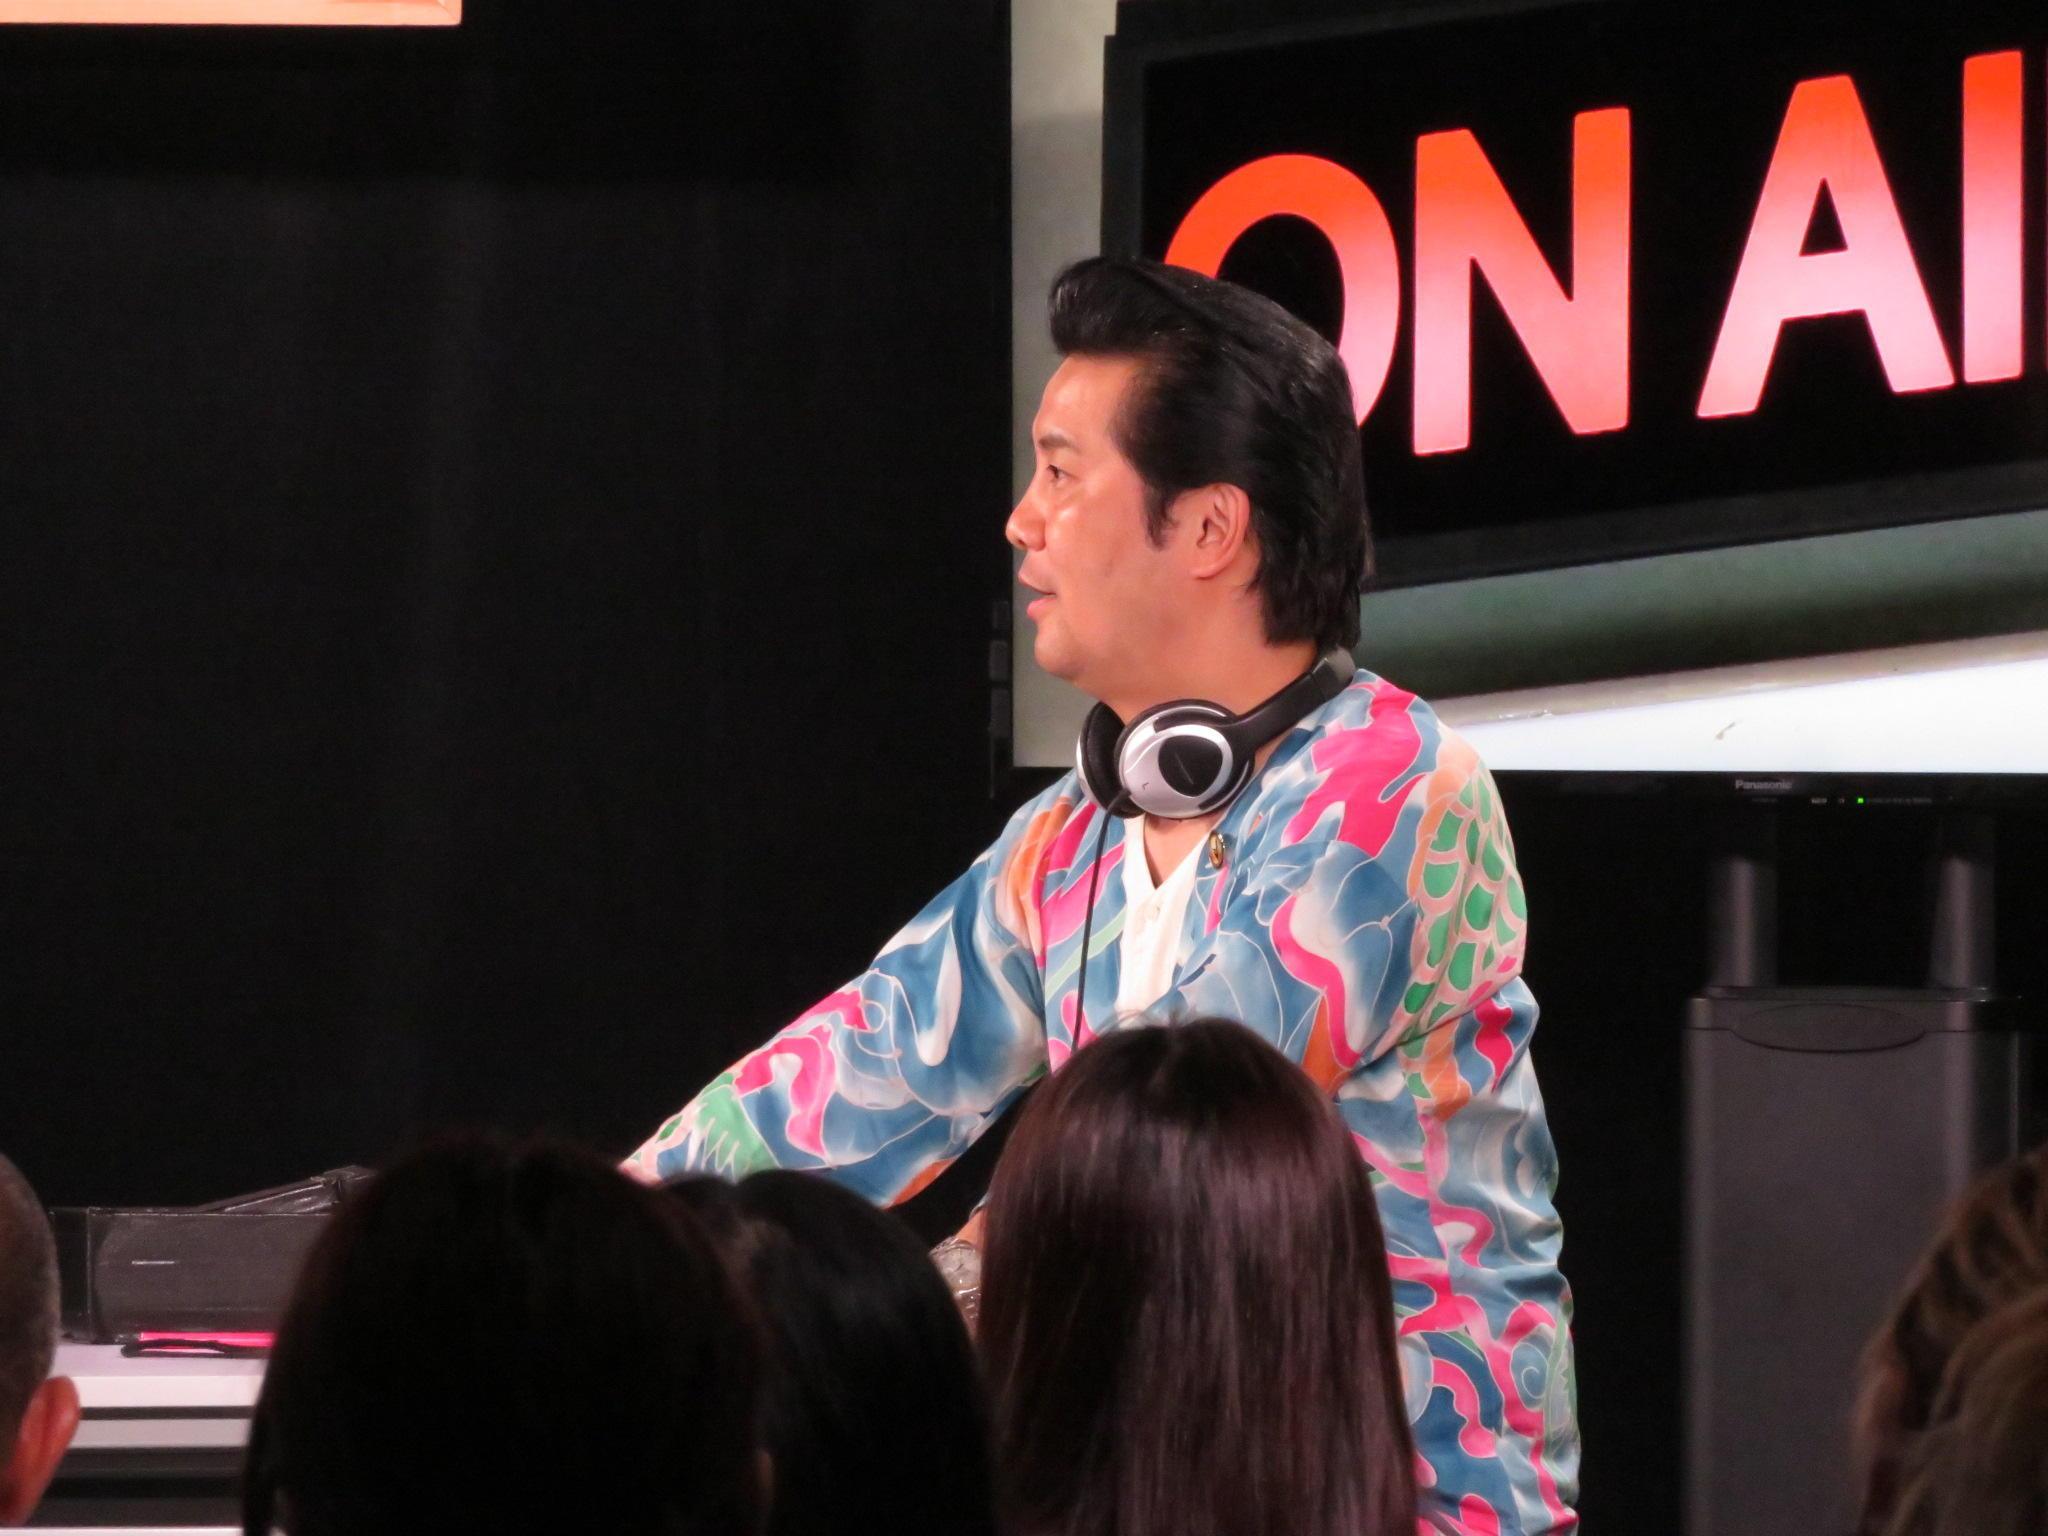 http://news.yoshimoto.co.jp/20180910210051-41faf71b72547b2a16ed48676accde5fb94faf91.jpg